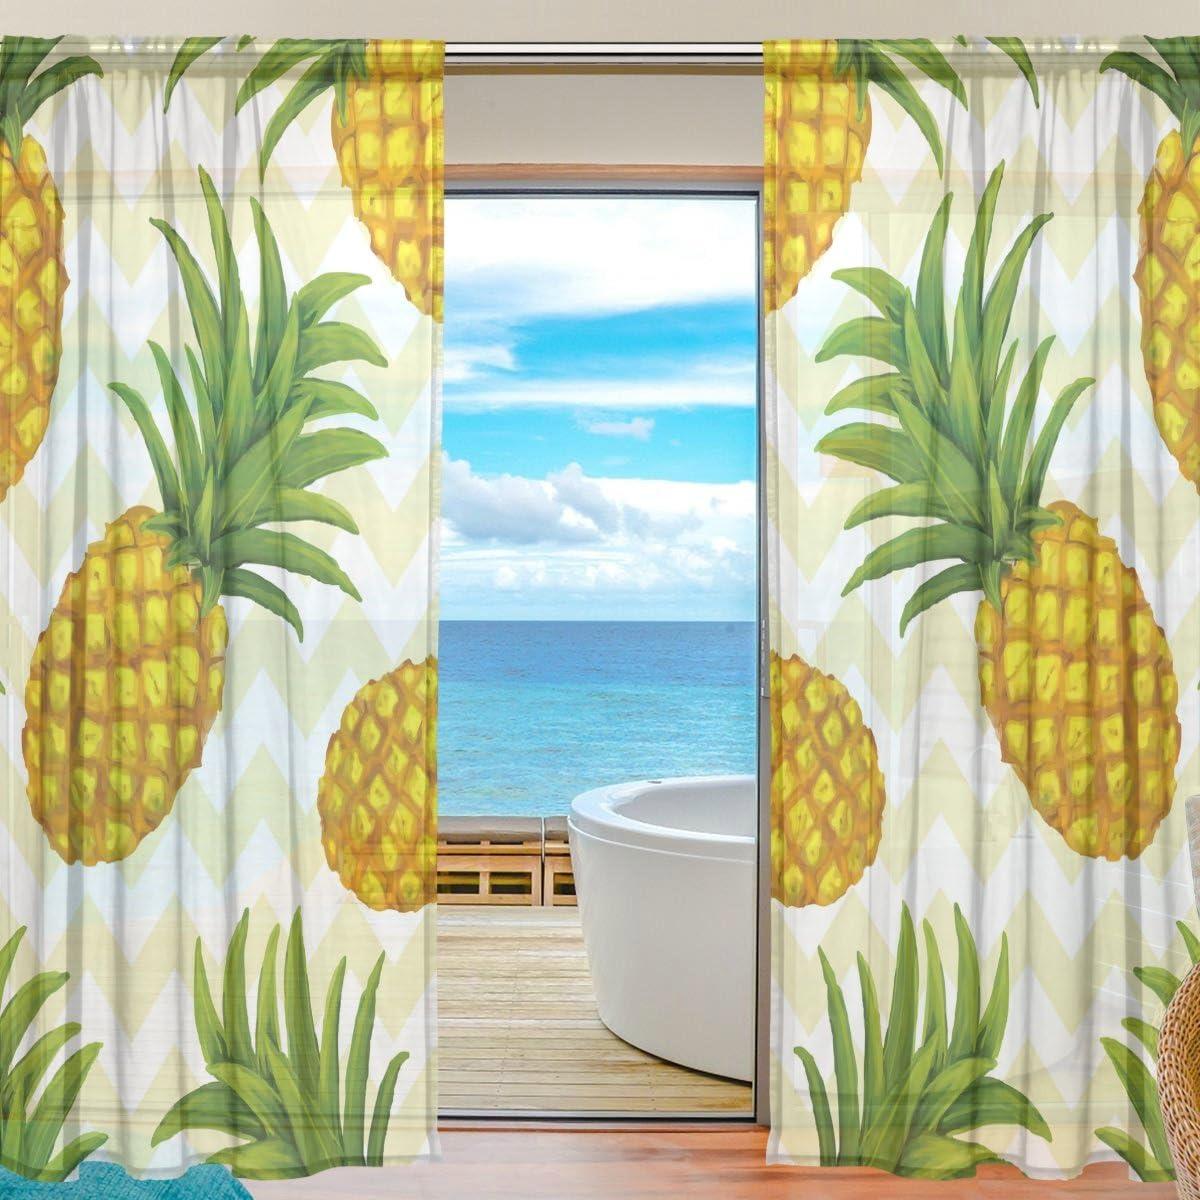 vantaso Sheer Curtains 78インチLongパイナップルWavy for Kids女の子寝室リビングルームウィンドウデコレーション2パネル 55x78x2(in)